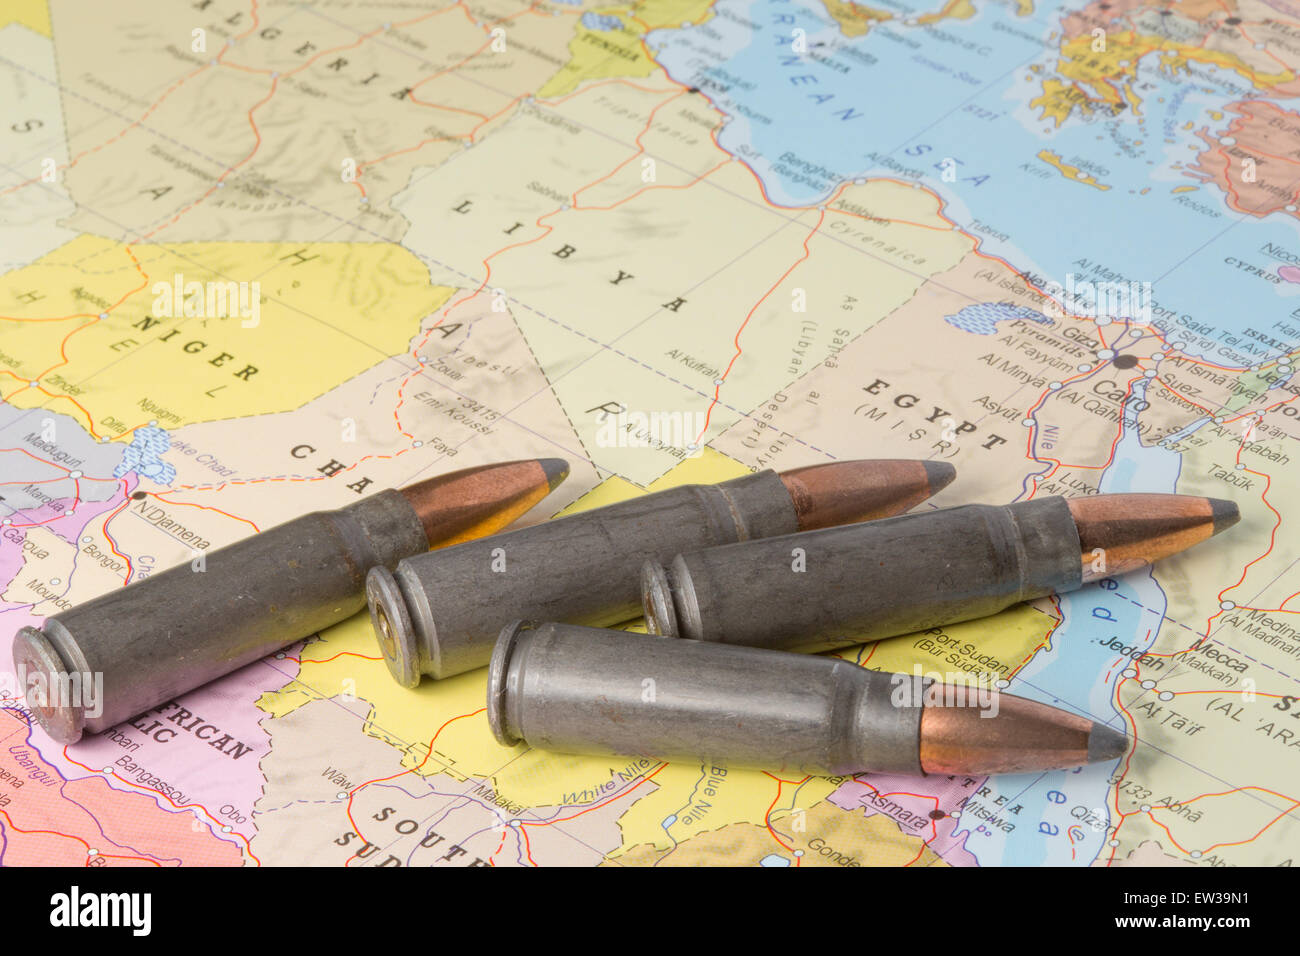 Carte Geographique De Lalgerie.Quatre Balles Sur La Carte Geographique De L Egypte La Libye L